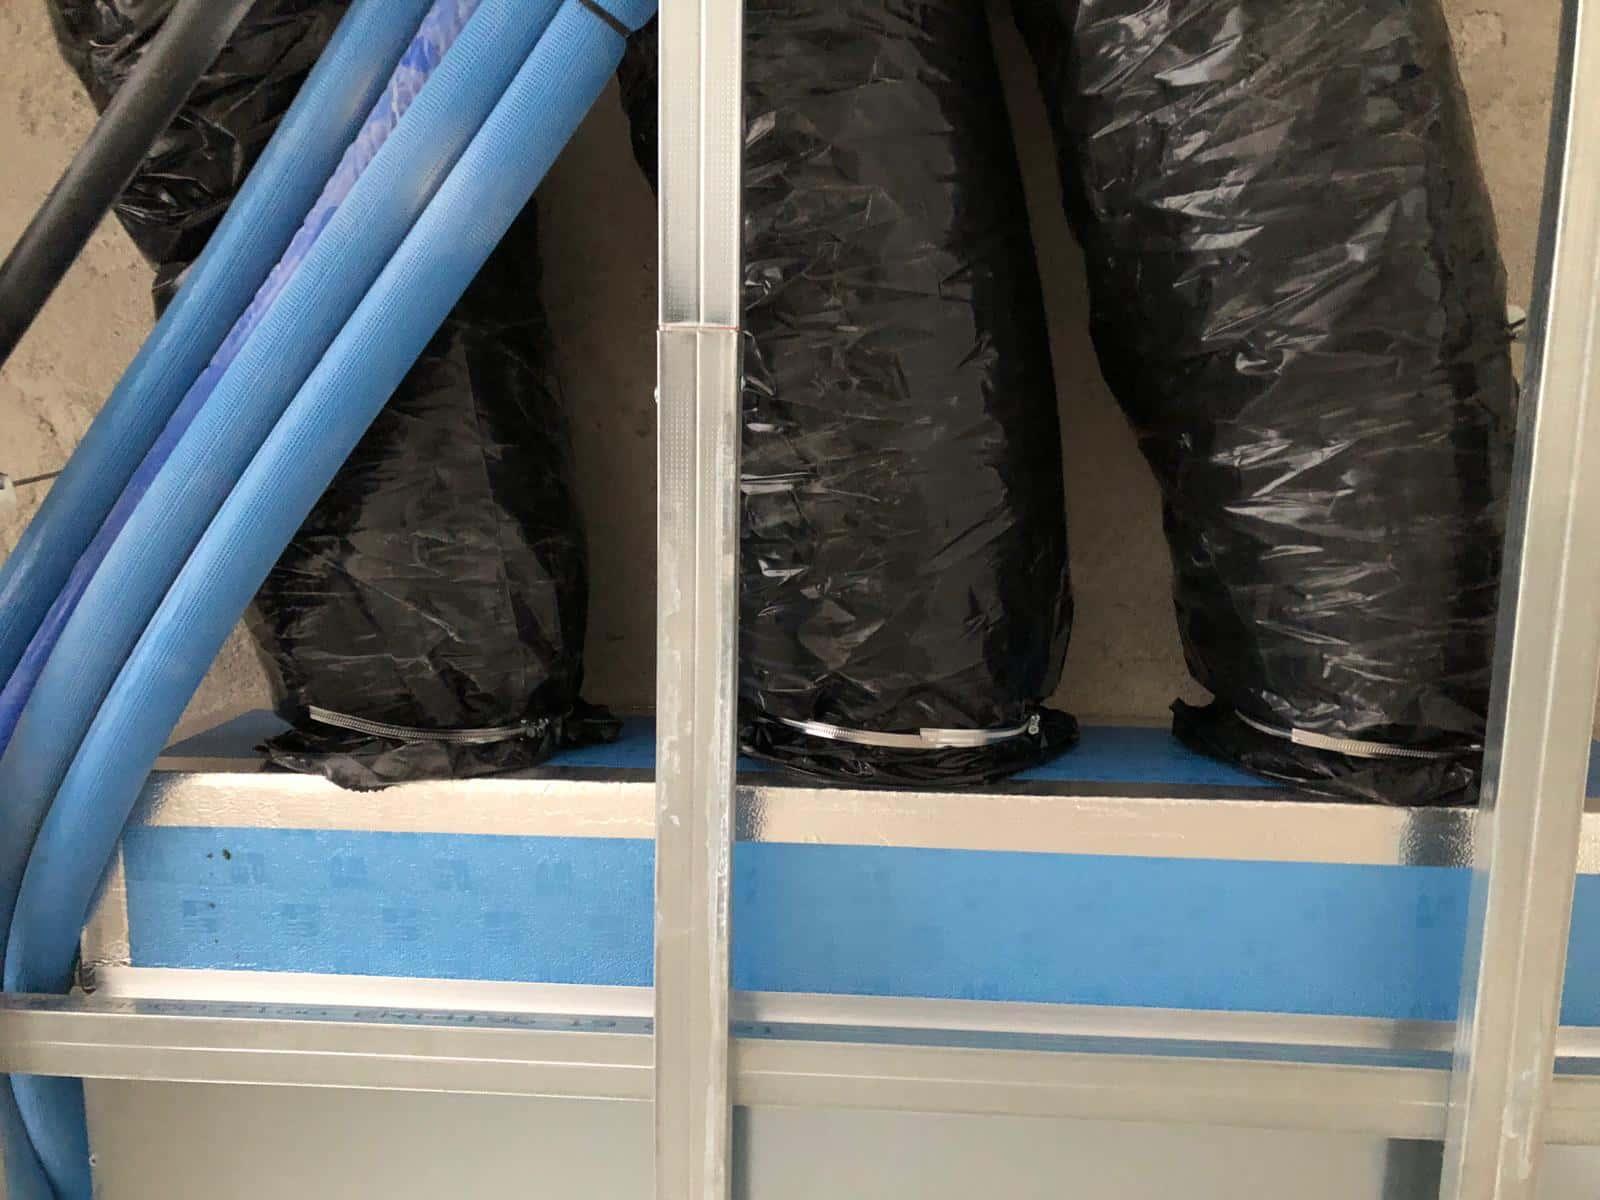 Impianto di trattamento aria abitazione con distribuzione tramite tubazione flessibile isolata 1